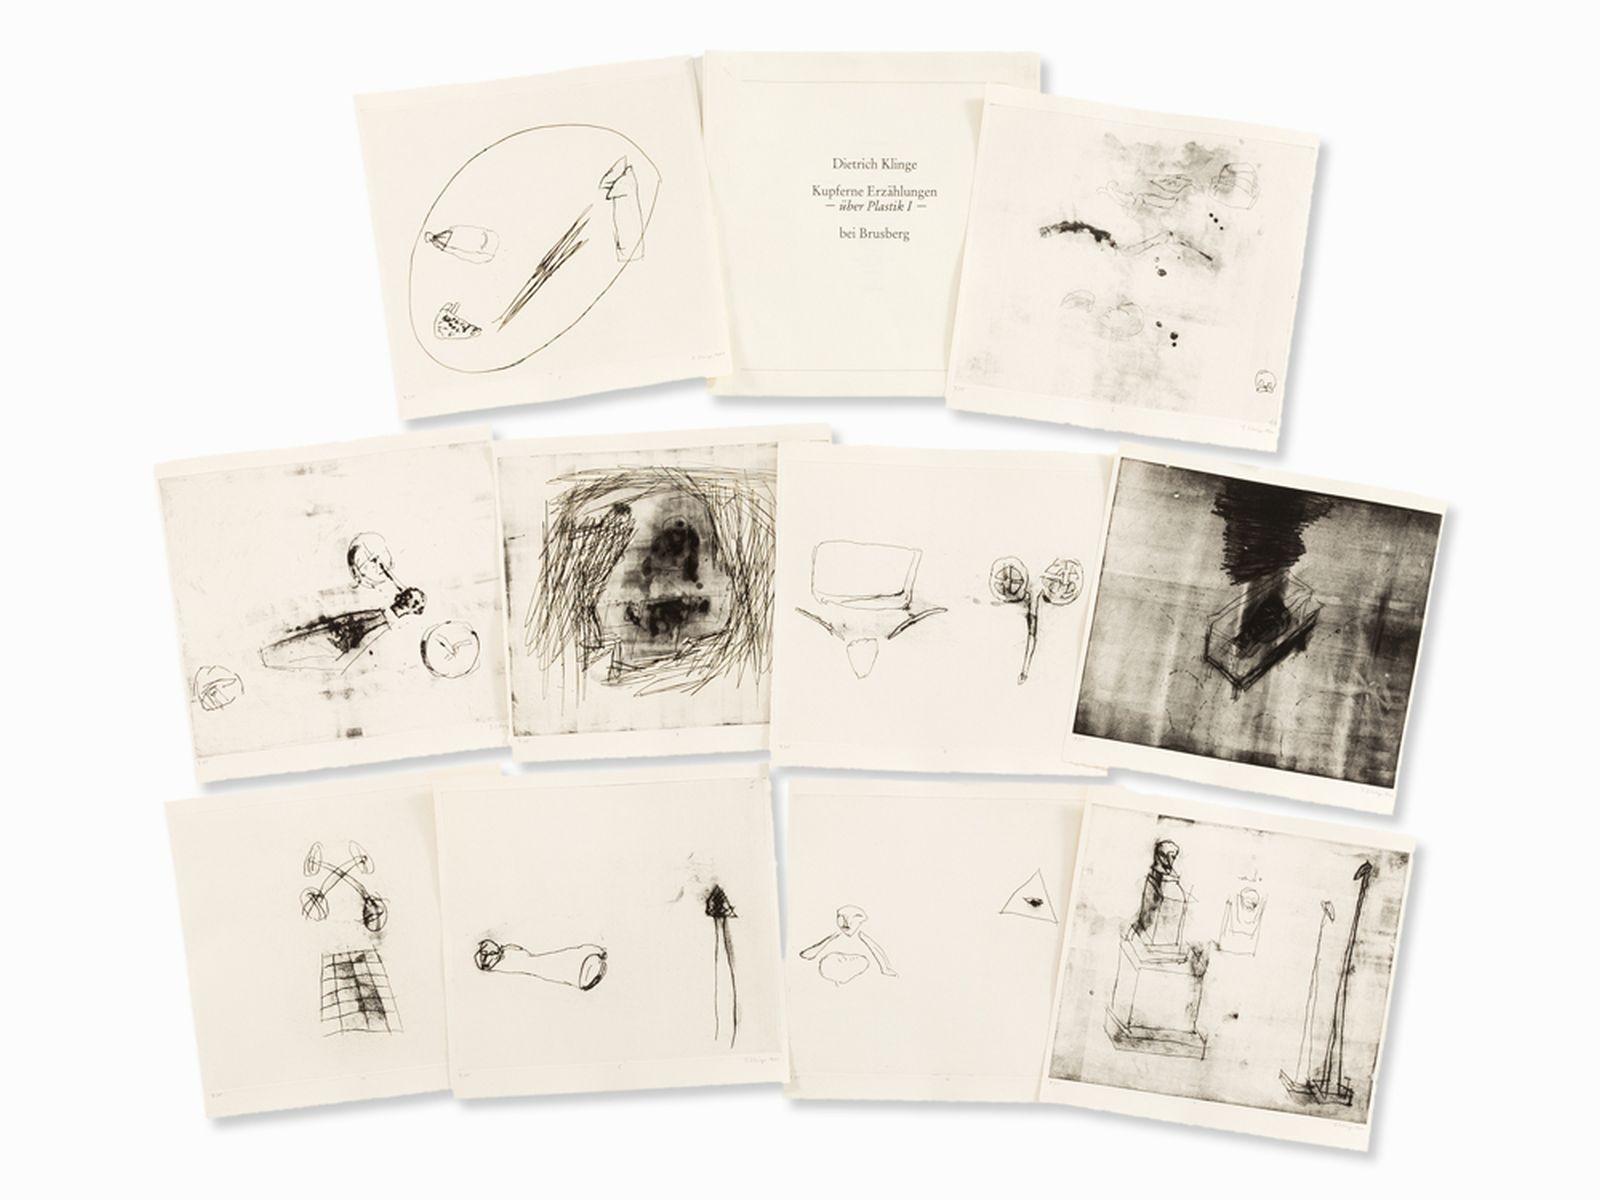 #97 Dietrich Klinge, Kupferne Erzählungen, 10 Etchings, 1991 | Dietrich Klinge (geb. 1954) Image